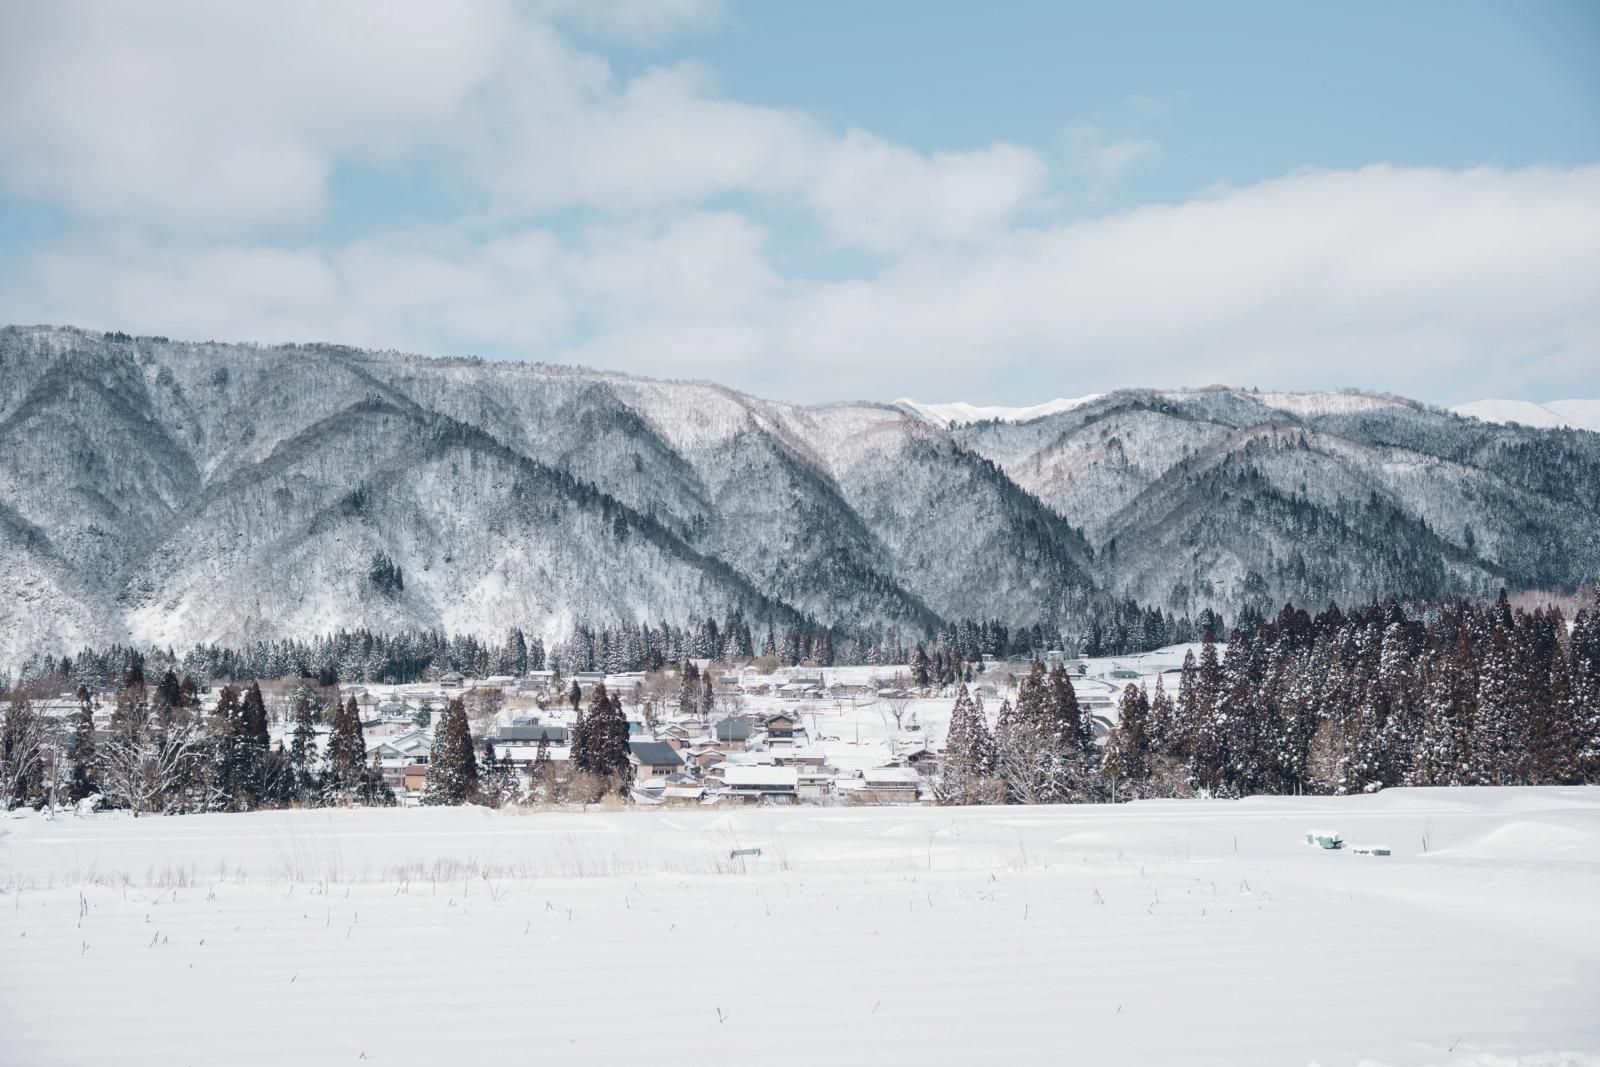 冬の石徹白は雪深い。すべてが白く染まり、洗われるような澄んだ空気に満たされる時期。